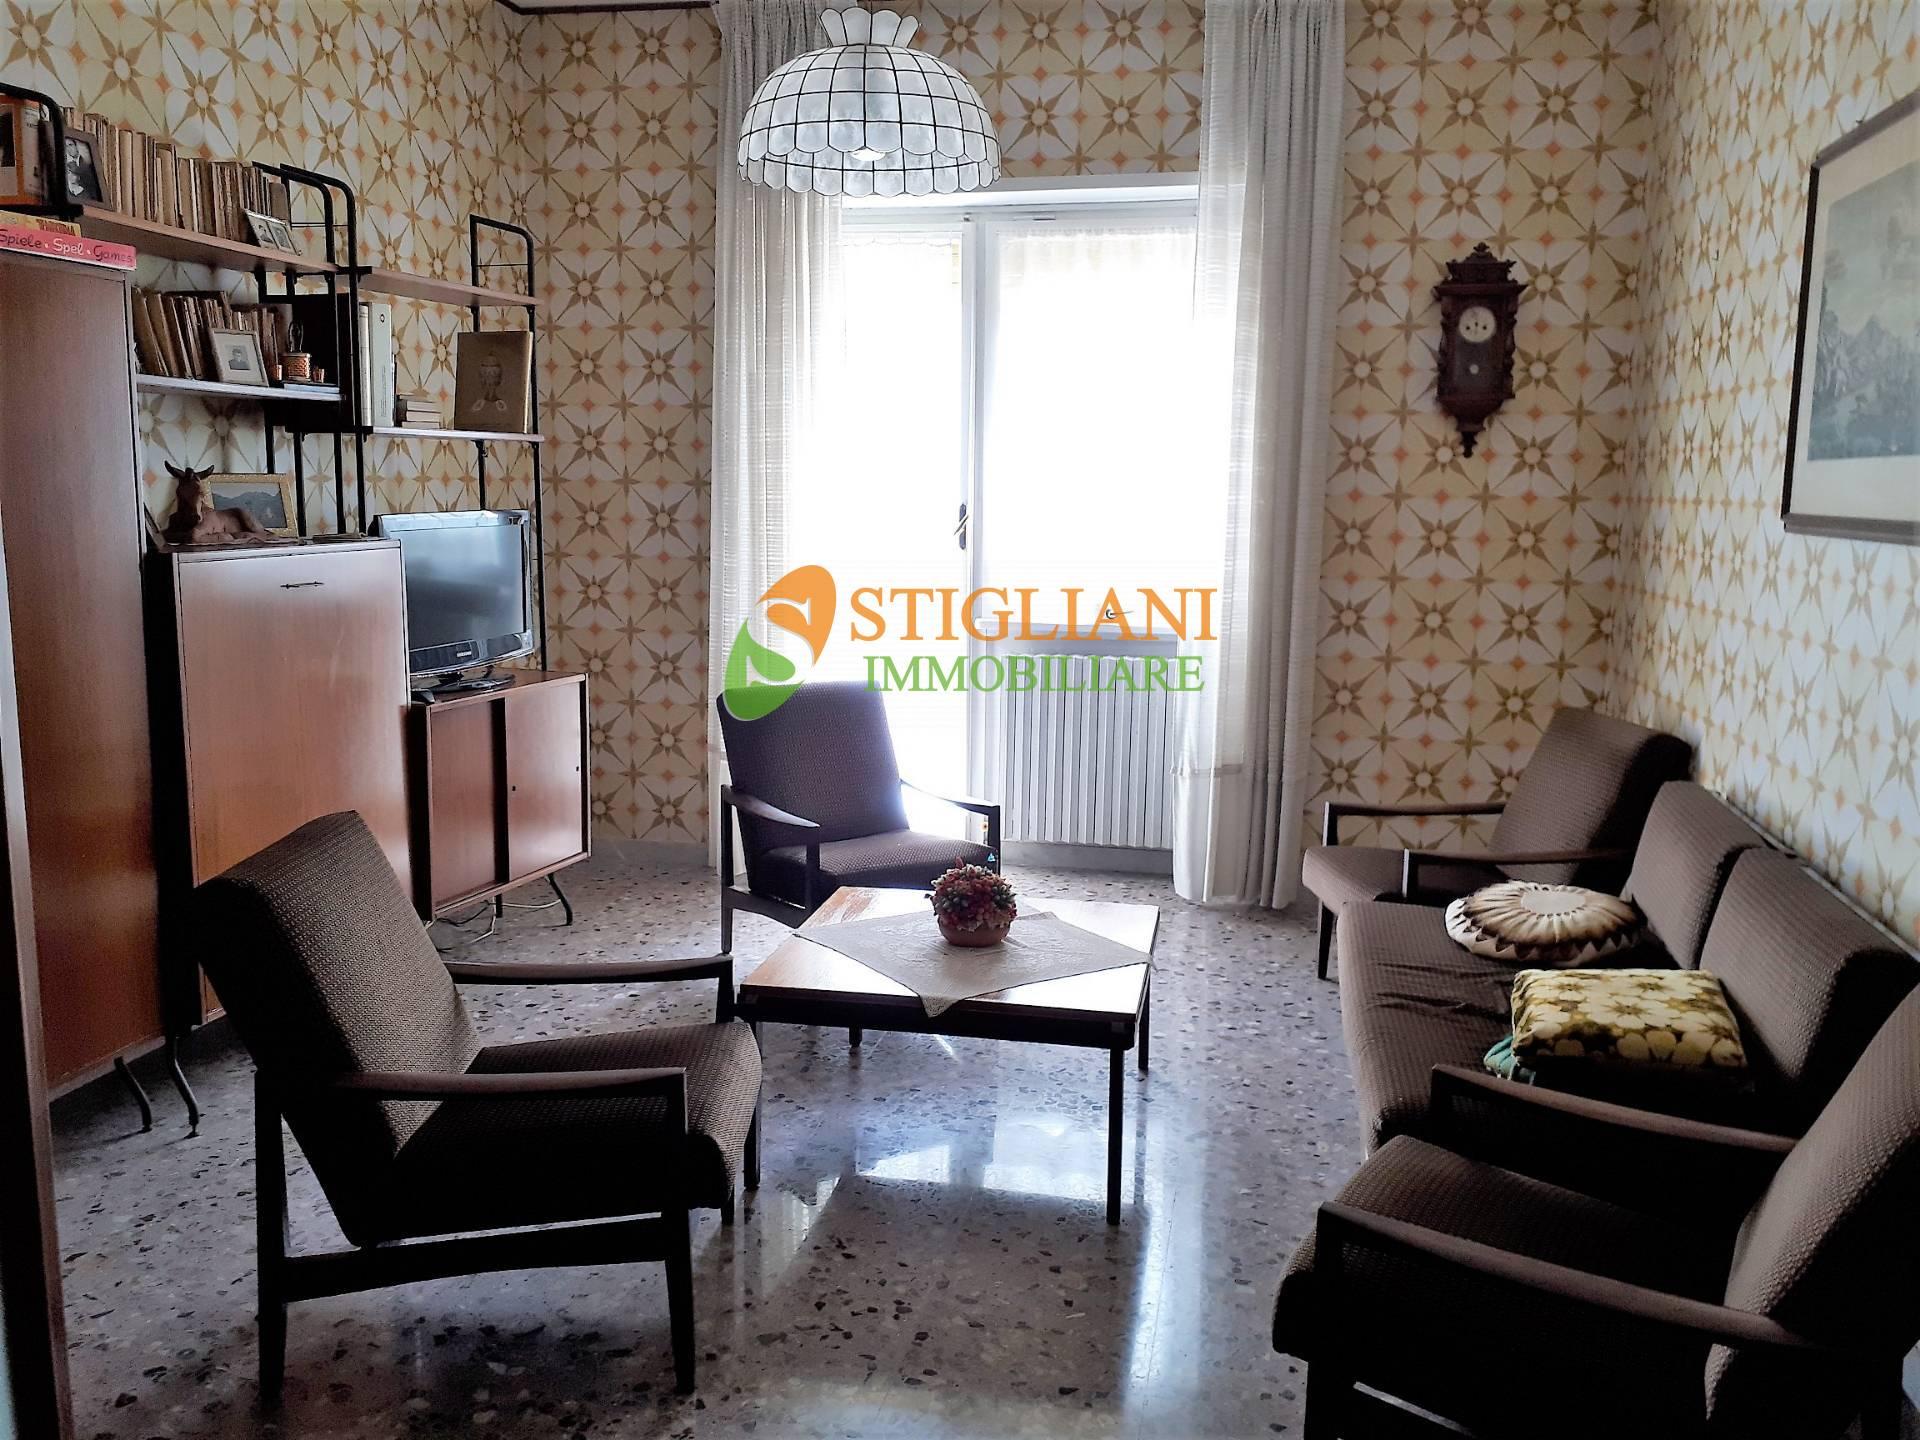 Appartamento in affitto a Campobasso, 6 locali, zona Zona: Semicentro, prezzo € 400   CambioCasa.it